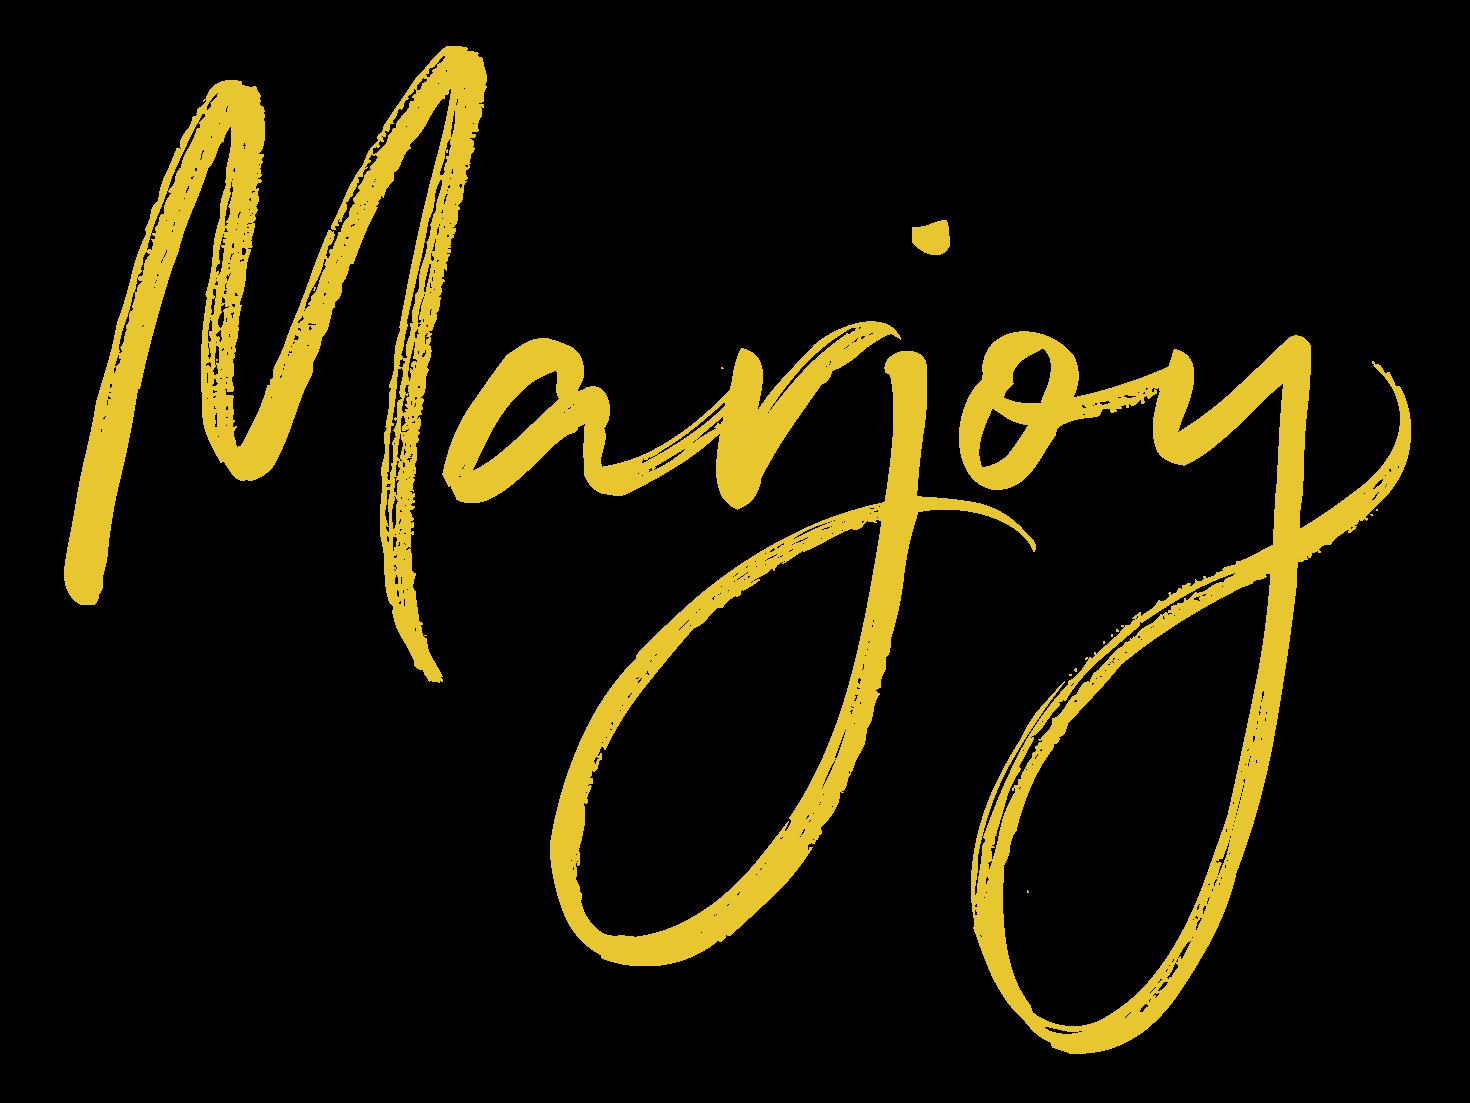 Marjoy